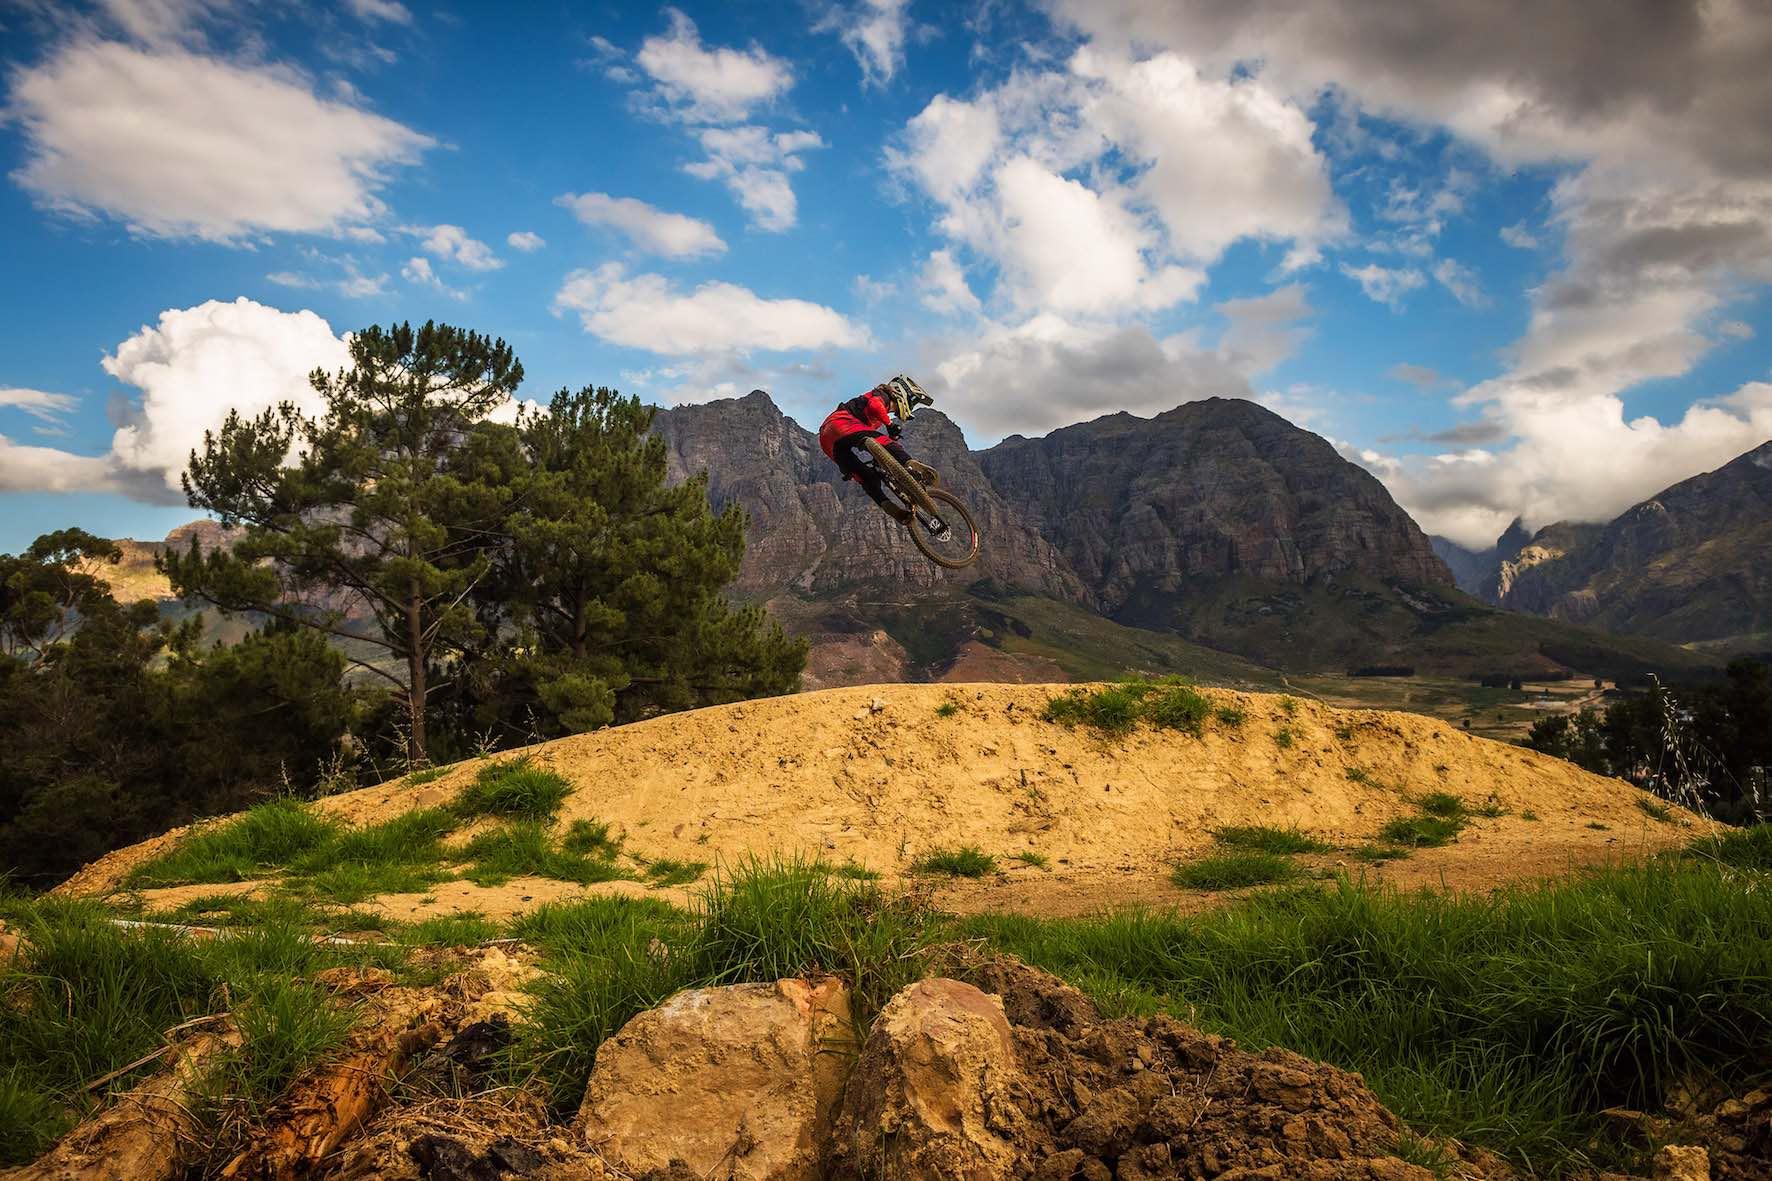 Downhill MTB with 17 year old, Jasper Barrett